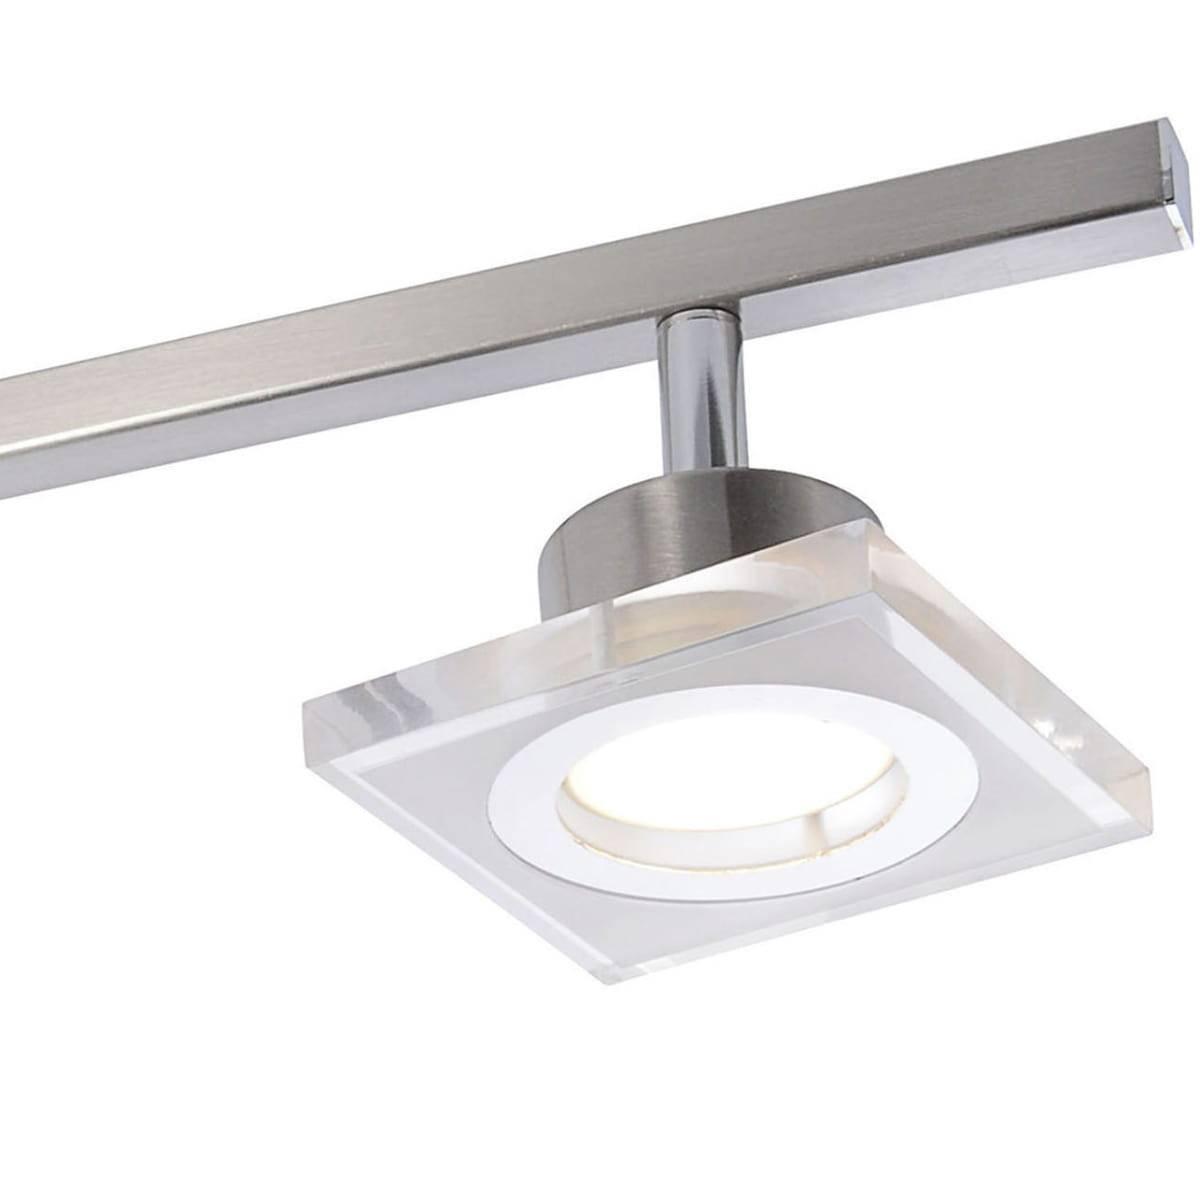 LED Deckenleuchte -> Led Deckenleuchte Quadratisch